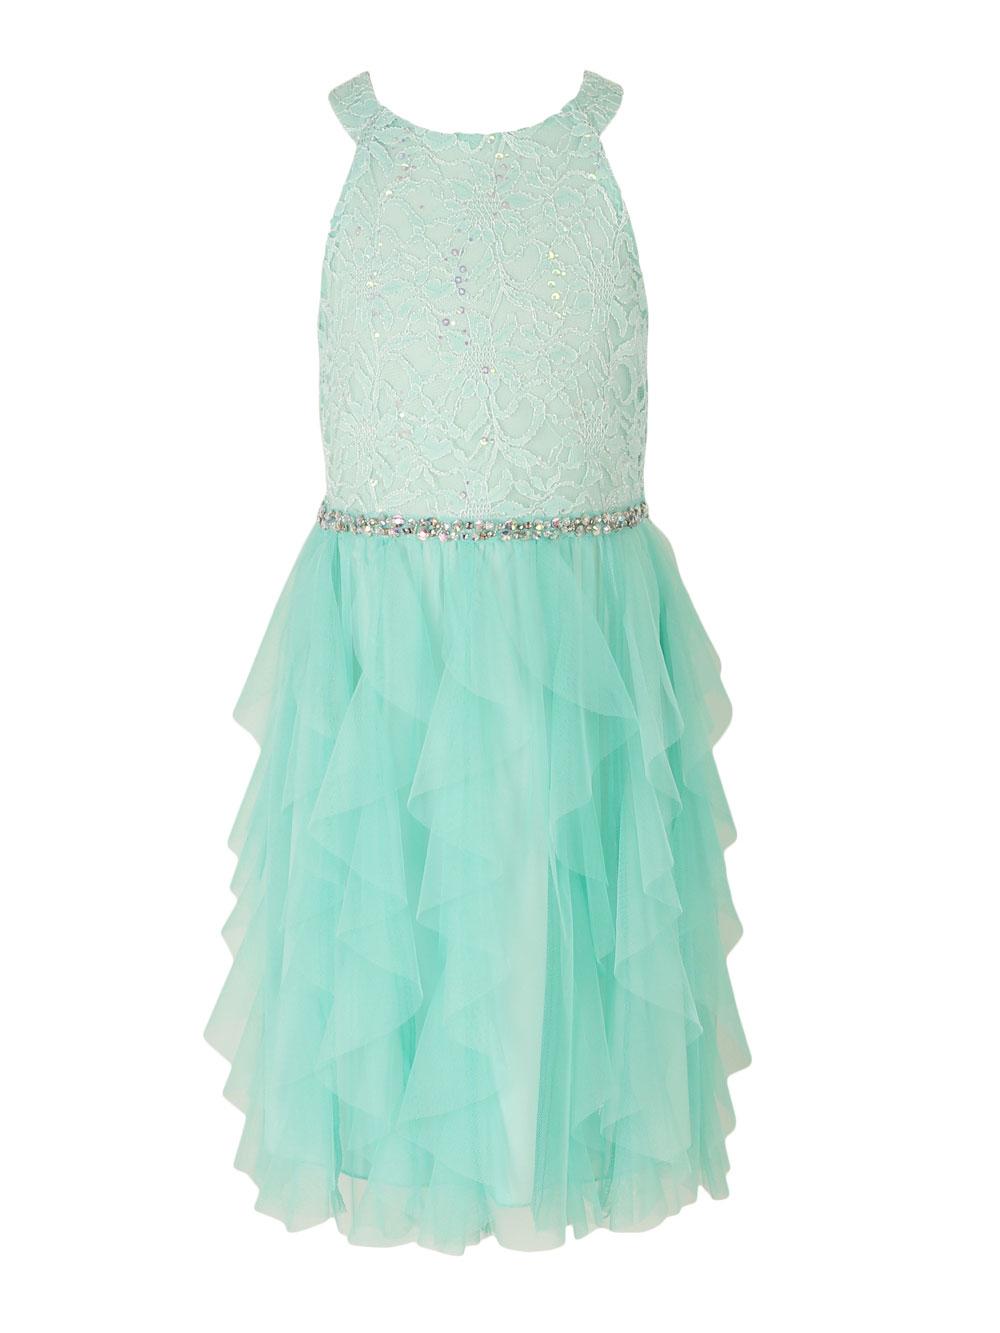 Mint Ruffle Yoke Dress